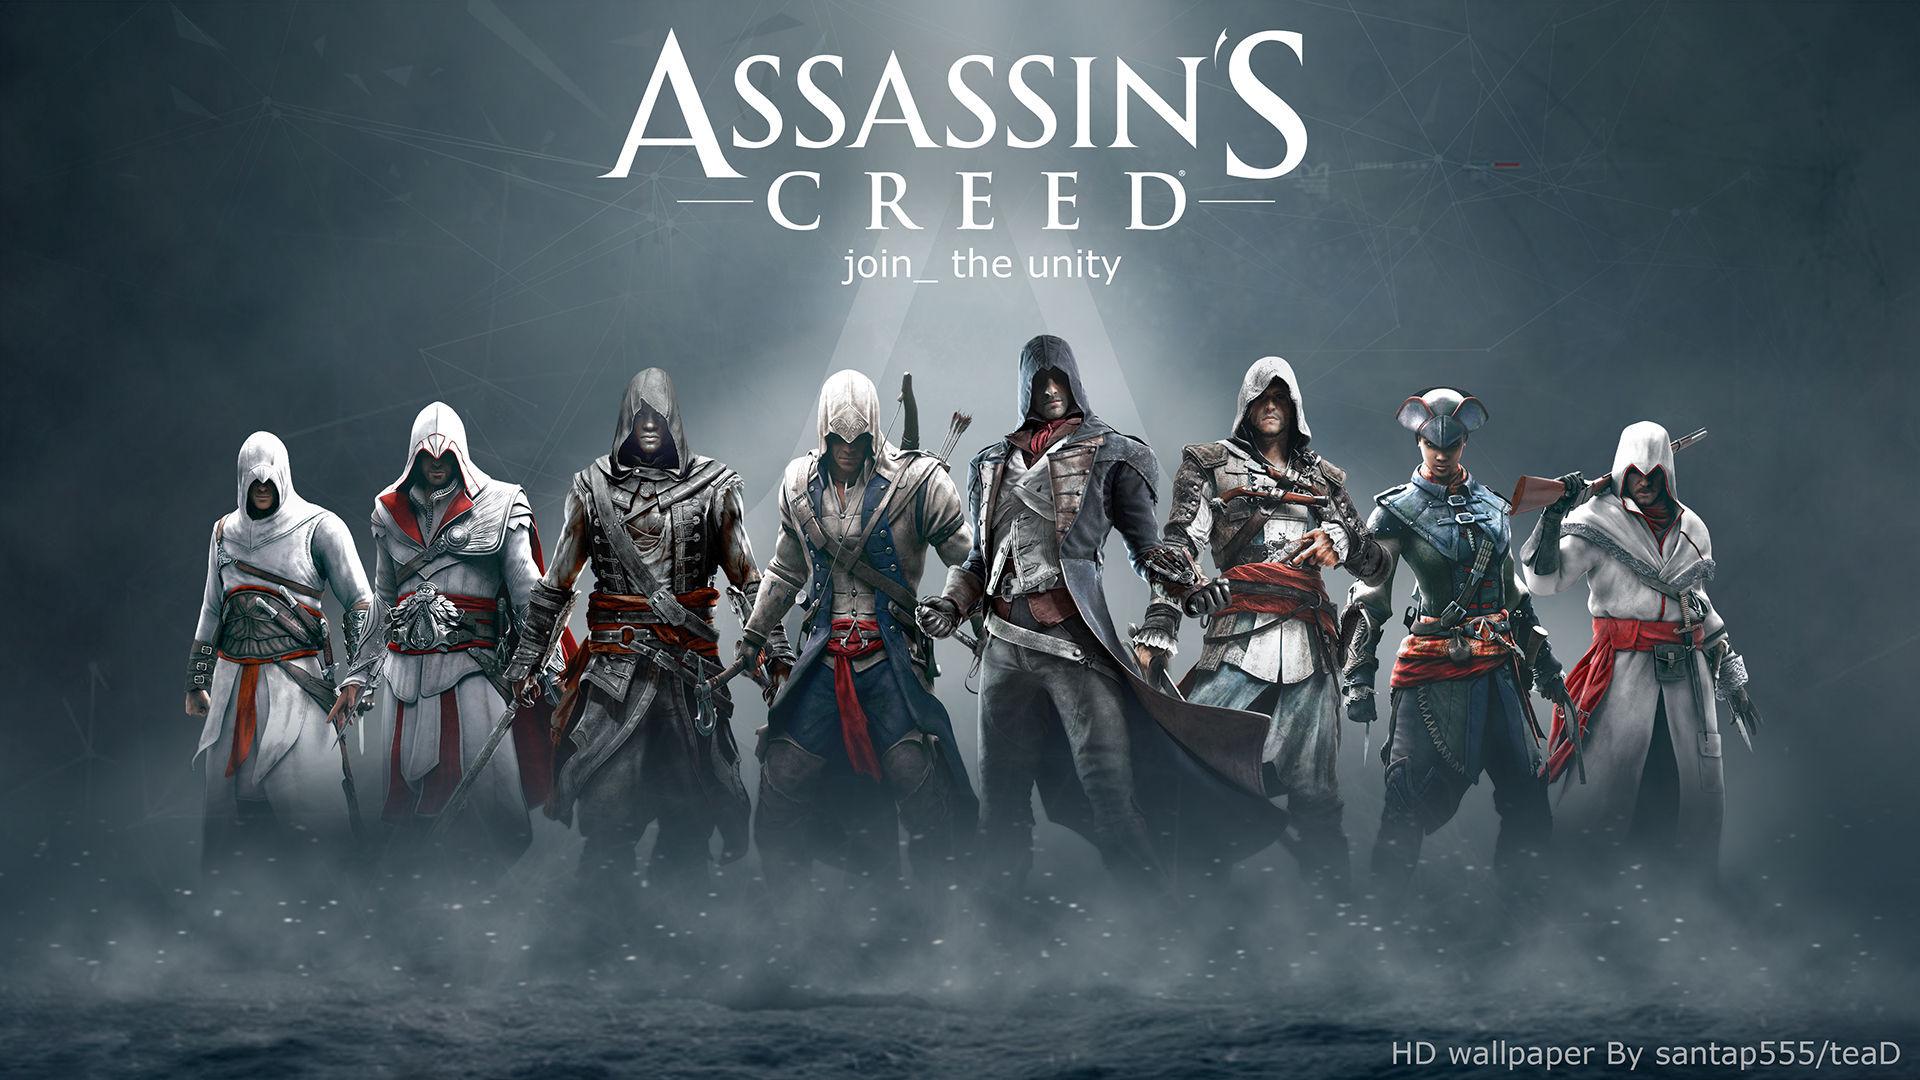 ¿Quién de los siguientes personajes es el protagonista del videojuego Assassin's Creed II?